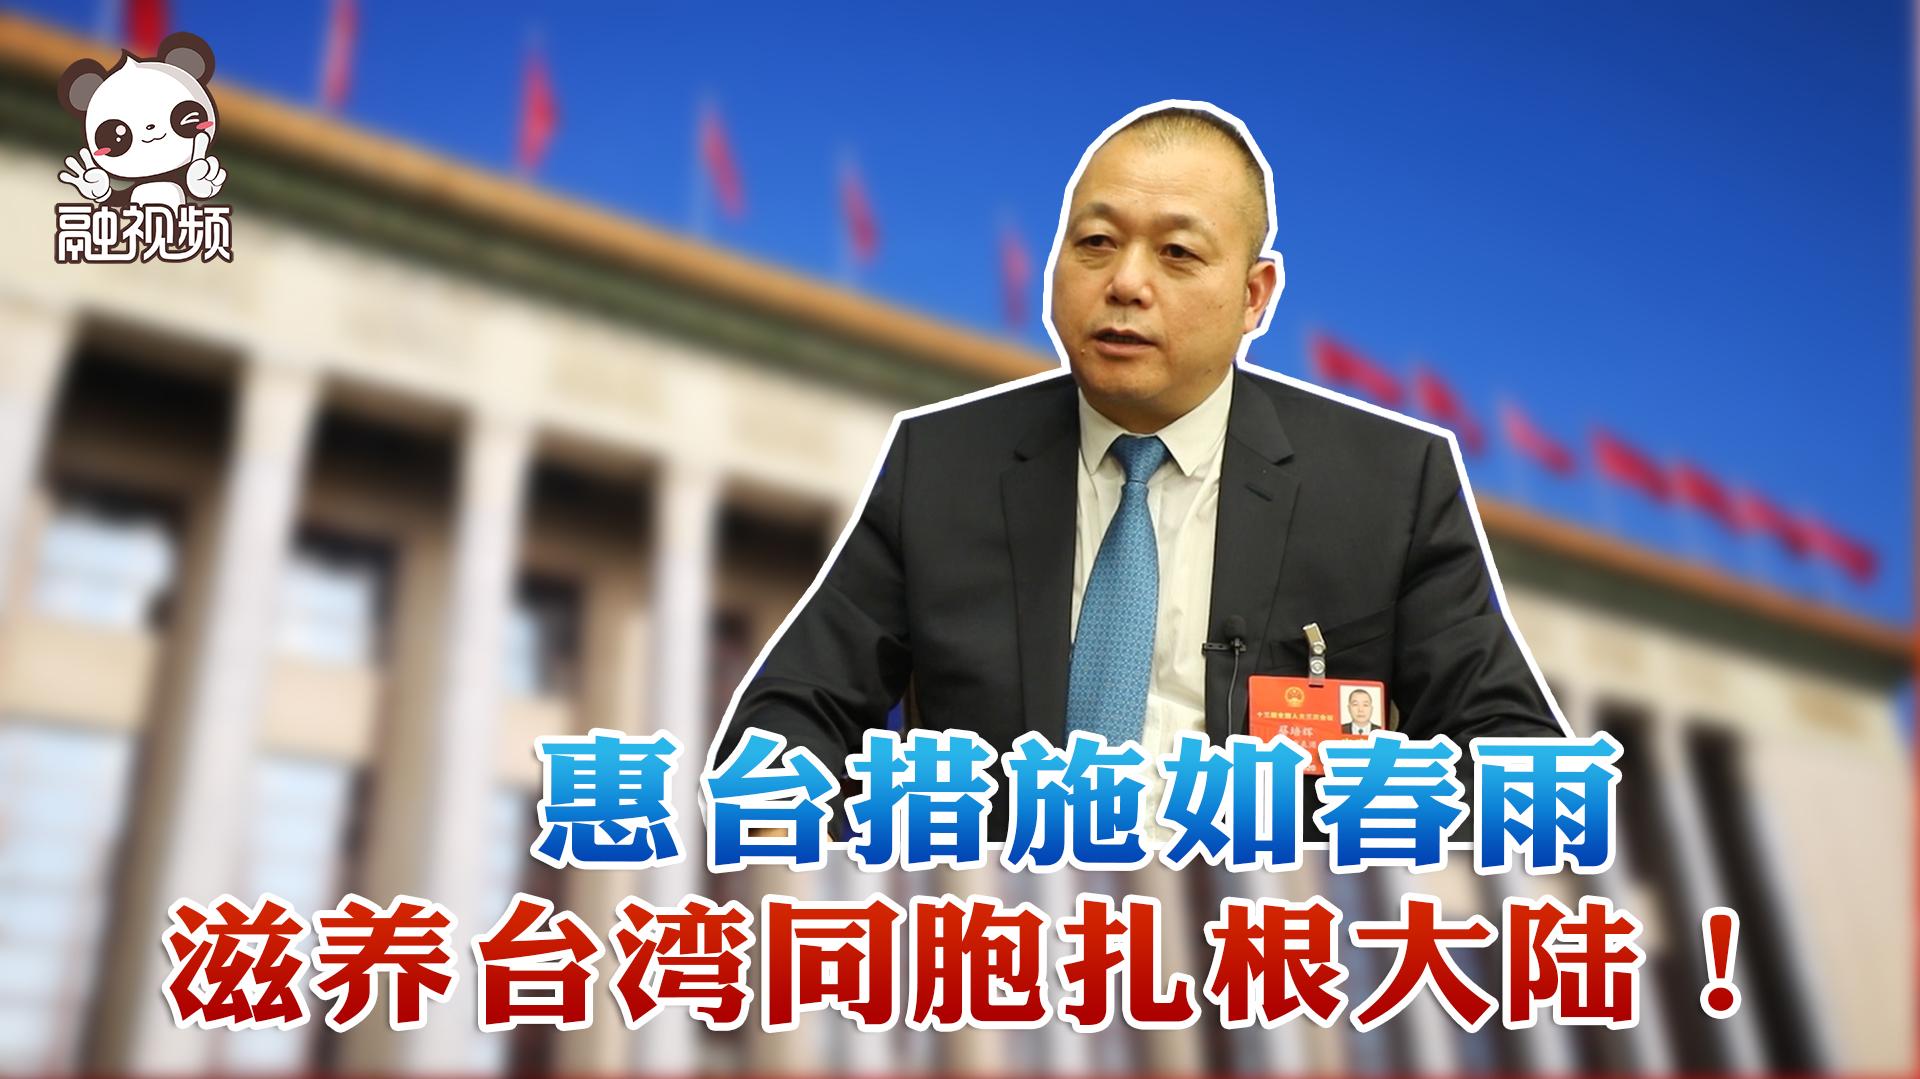 蔡培辉:惠台措施如春雨,滋养台湾同胞扎根大陆!图片